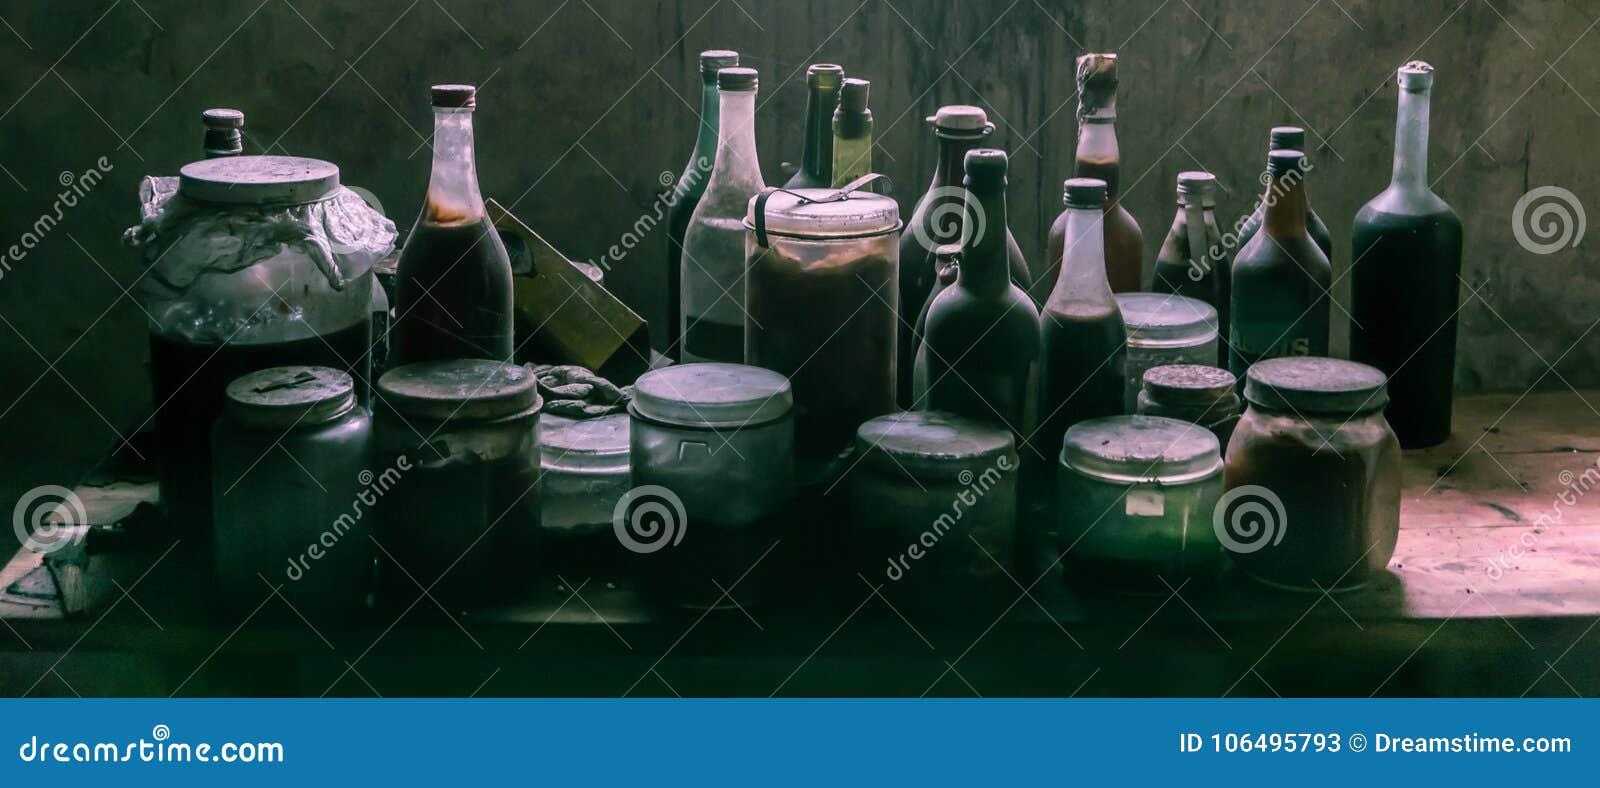 Zakurzone stare szklane butelki i puszki z podejrzaną zawartością